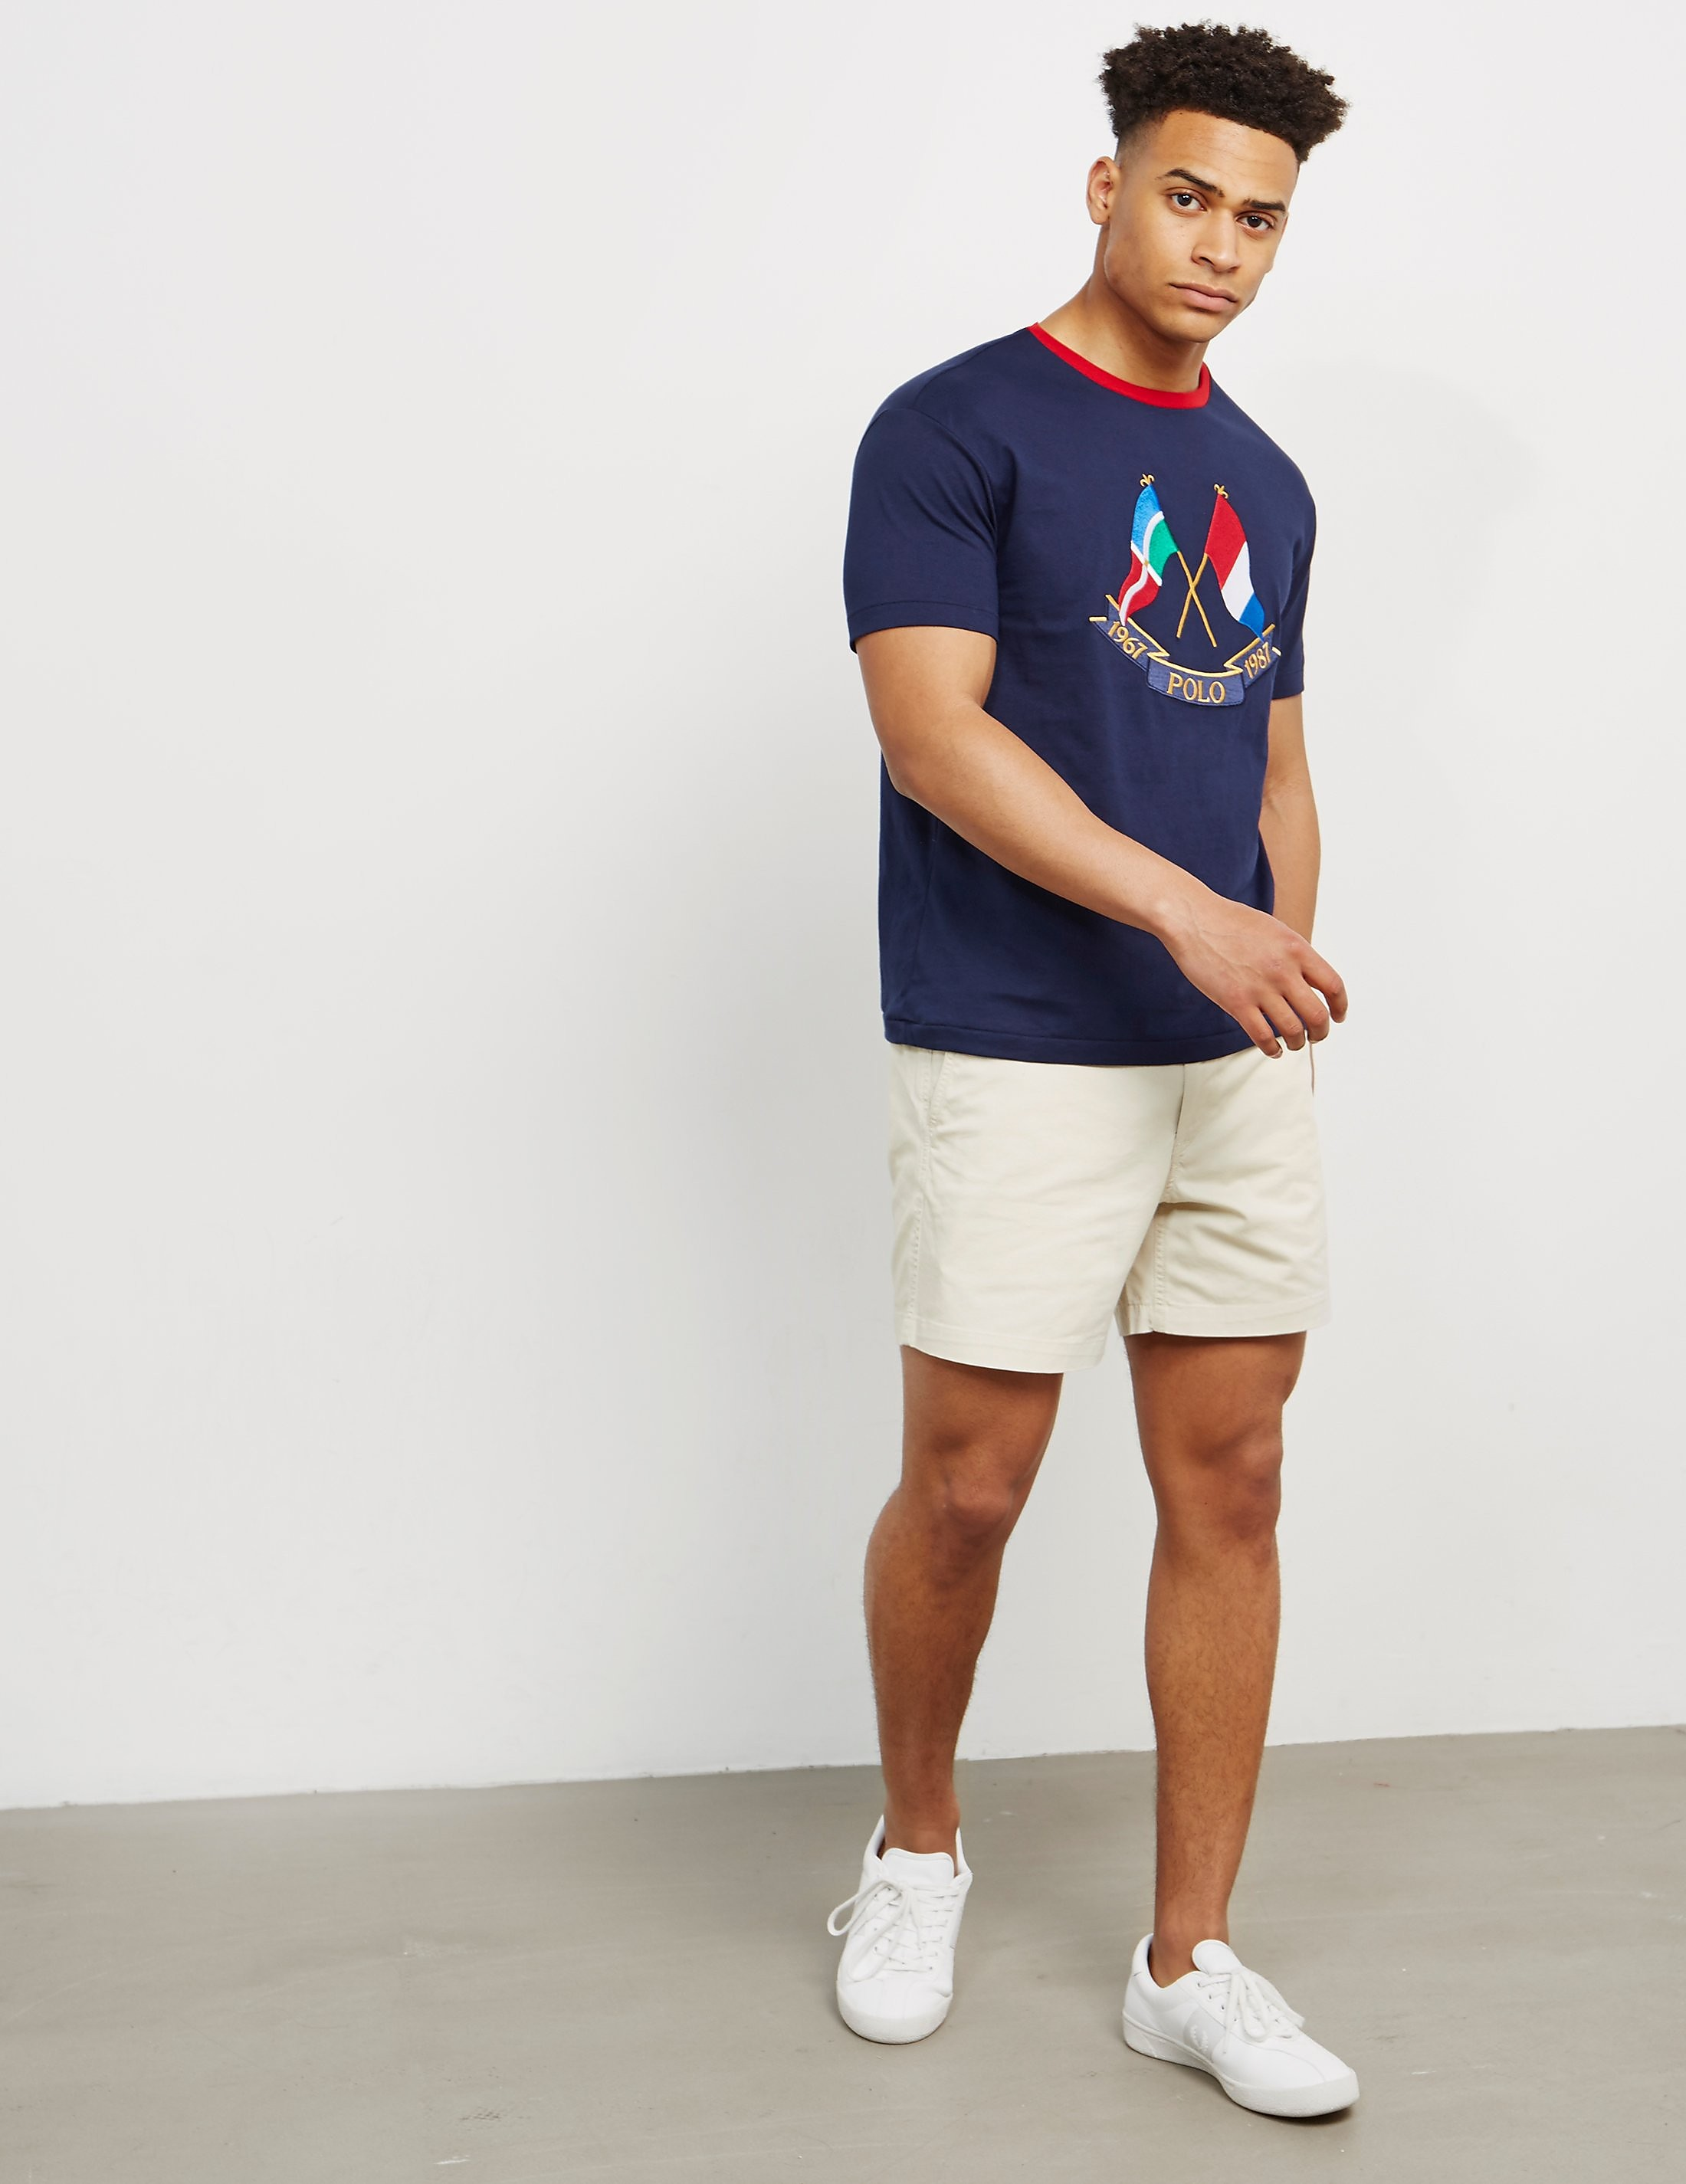 Polo Ralph Lauren X Flag Short Sleeve T-Shirt